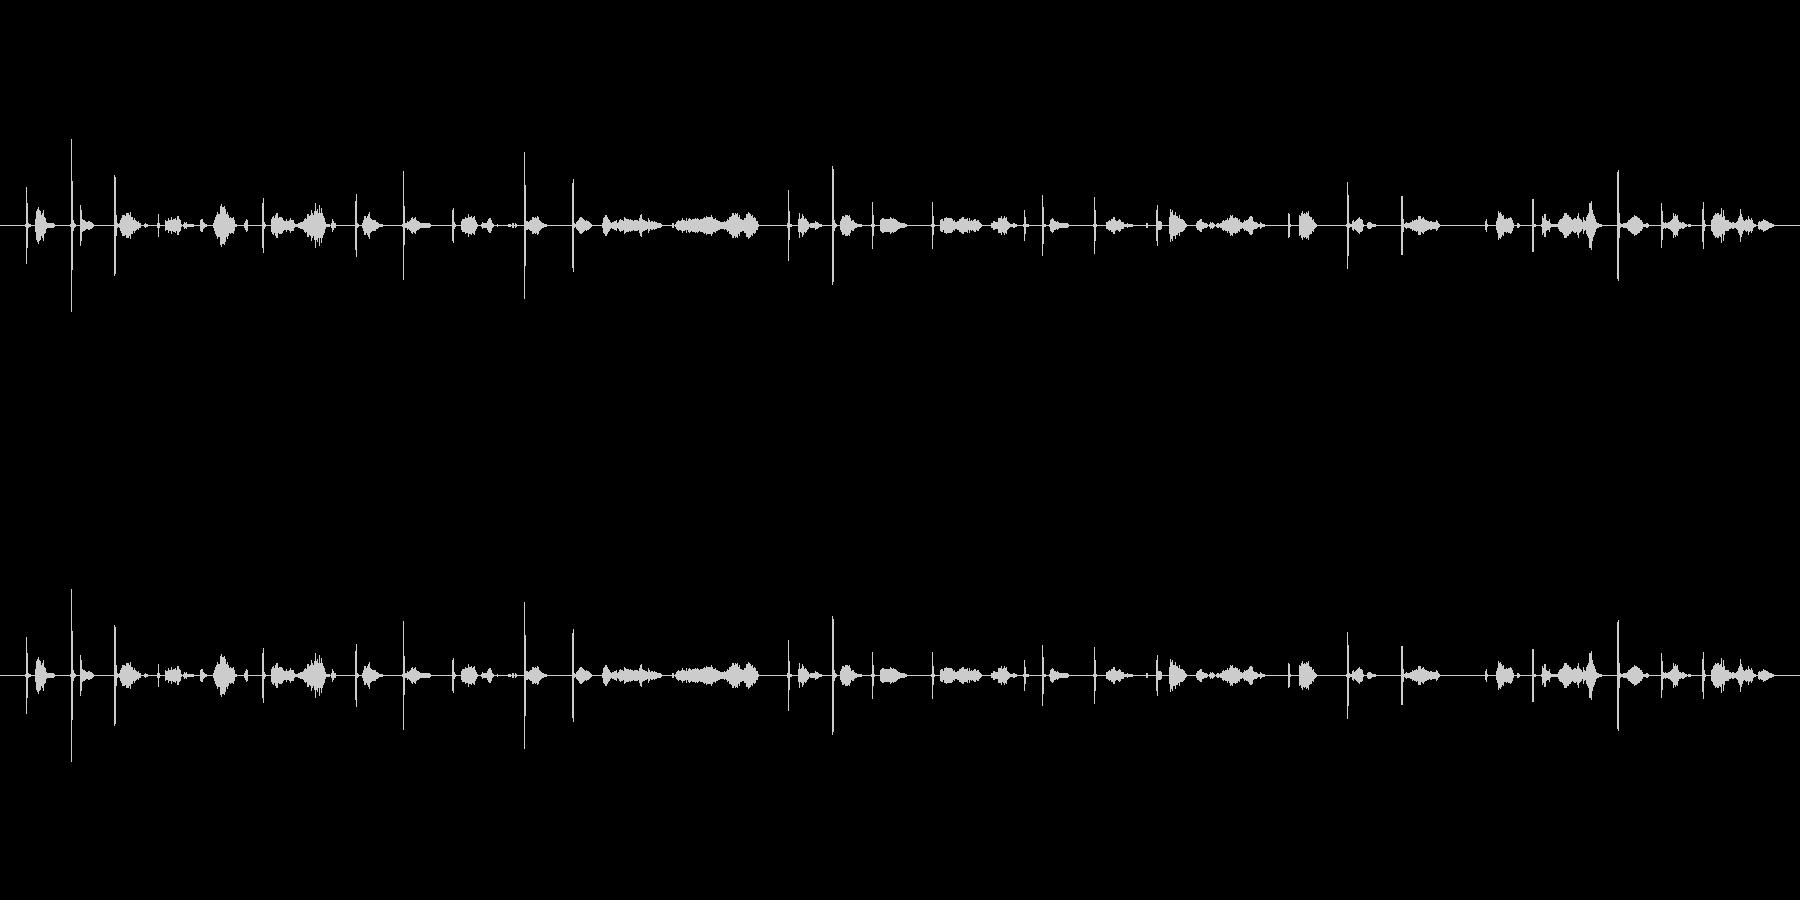 カッカー(鉛筆で文字を書く音)木の板Csの未再生の波形